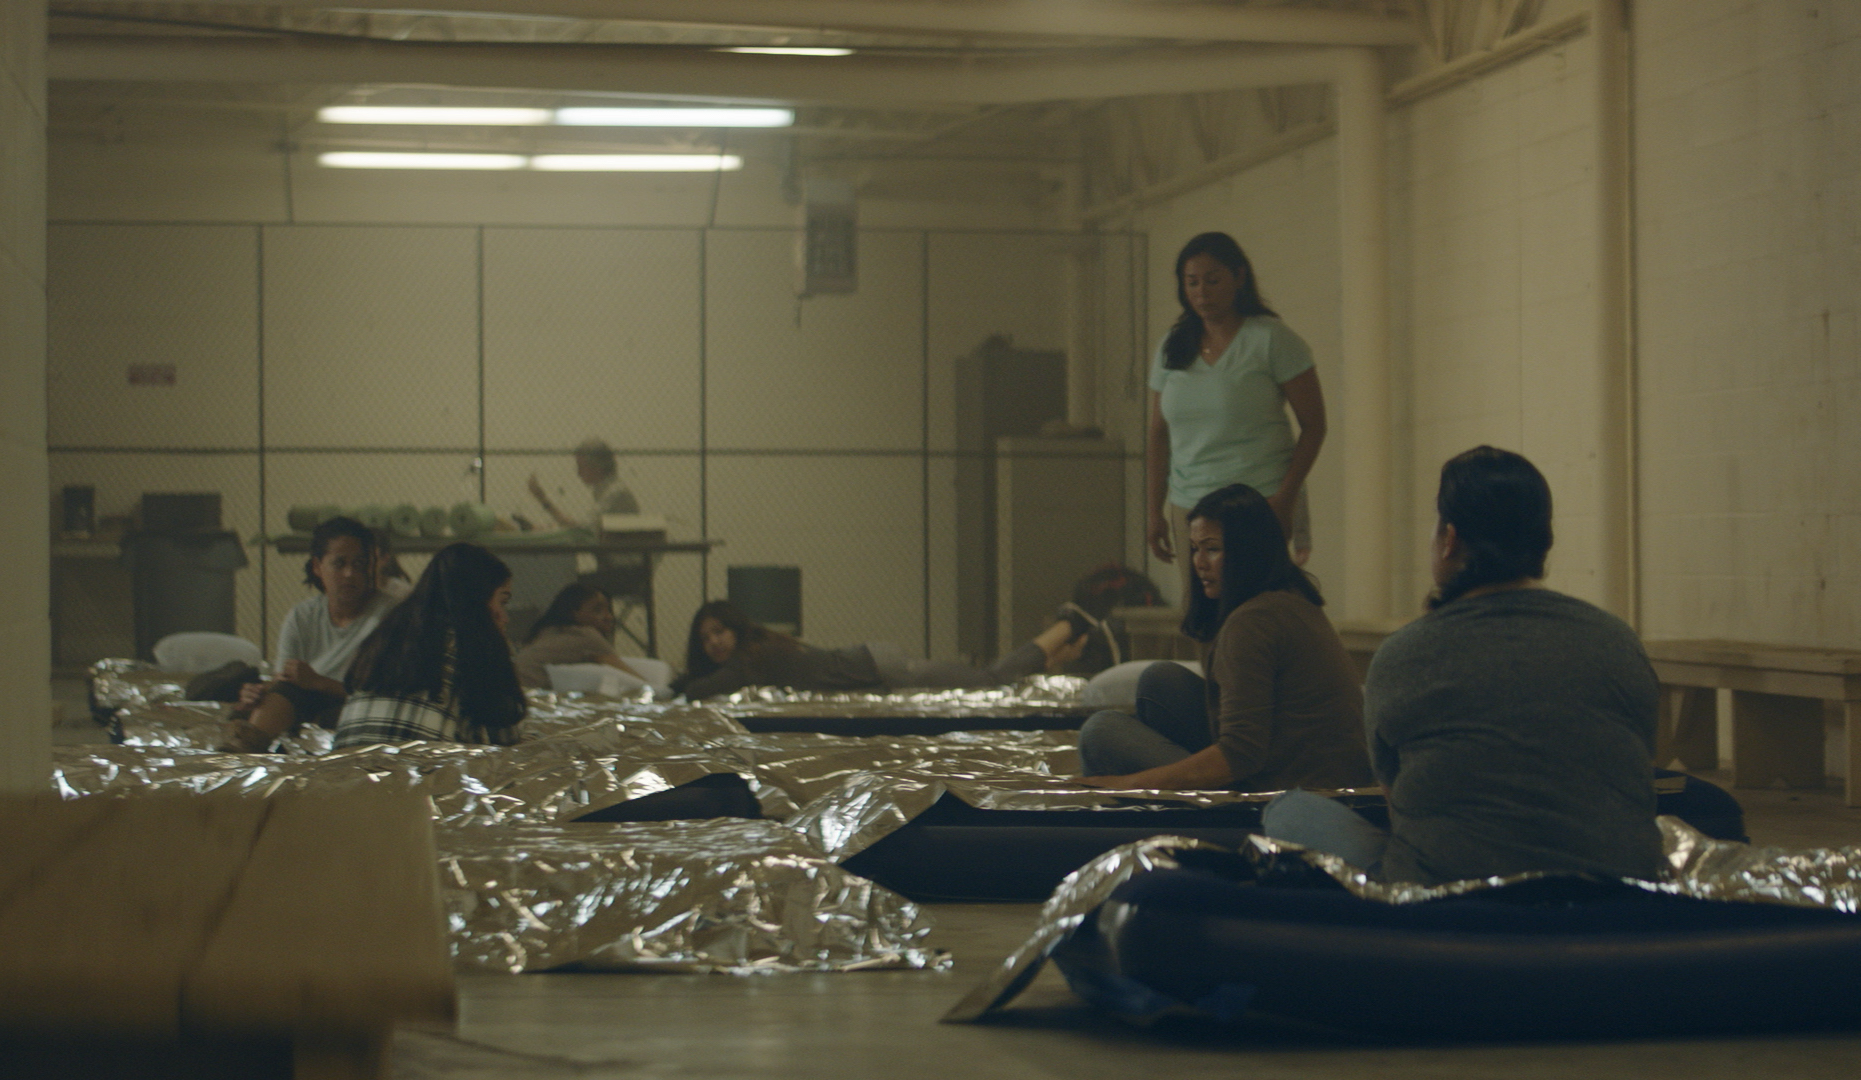 detentionroom0.jpg